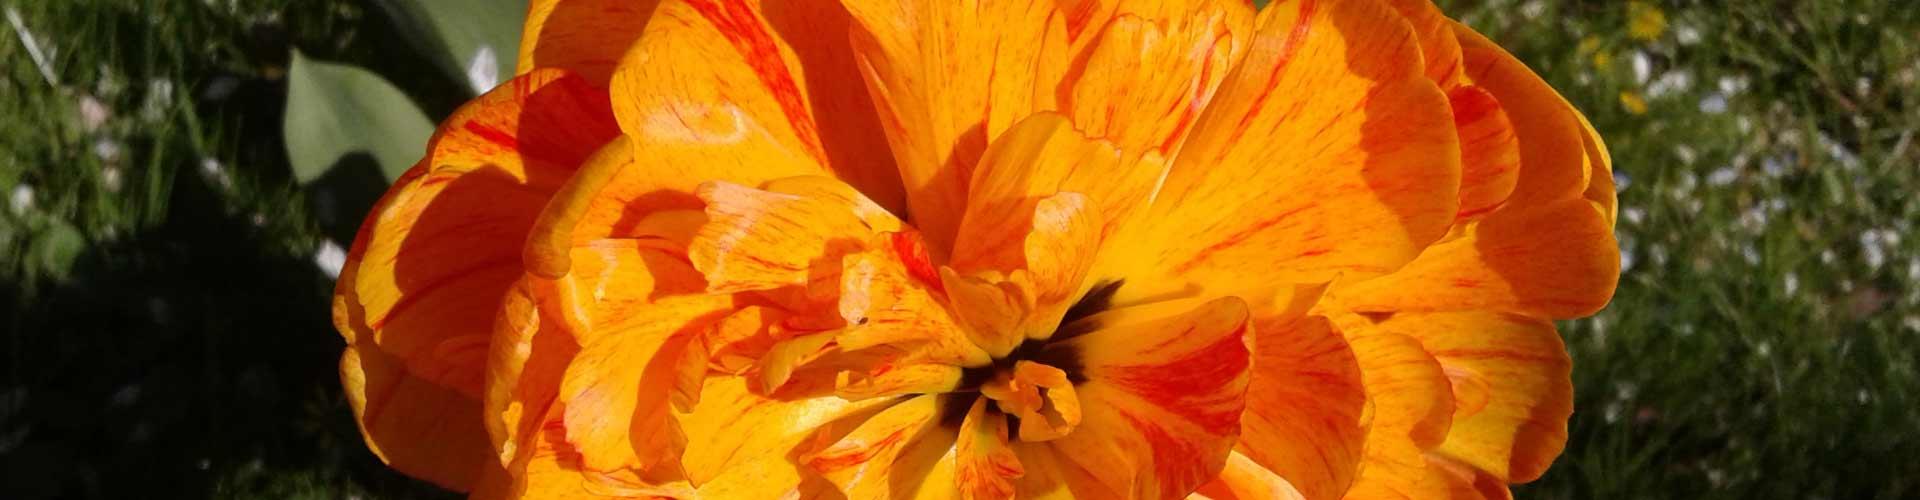 Blume-Maier-Gallenbach-Slider_1920x500px